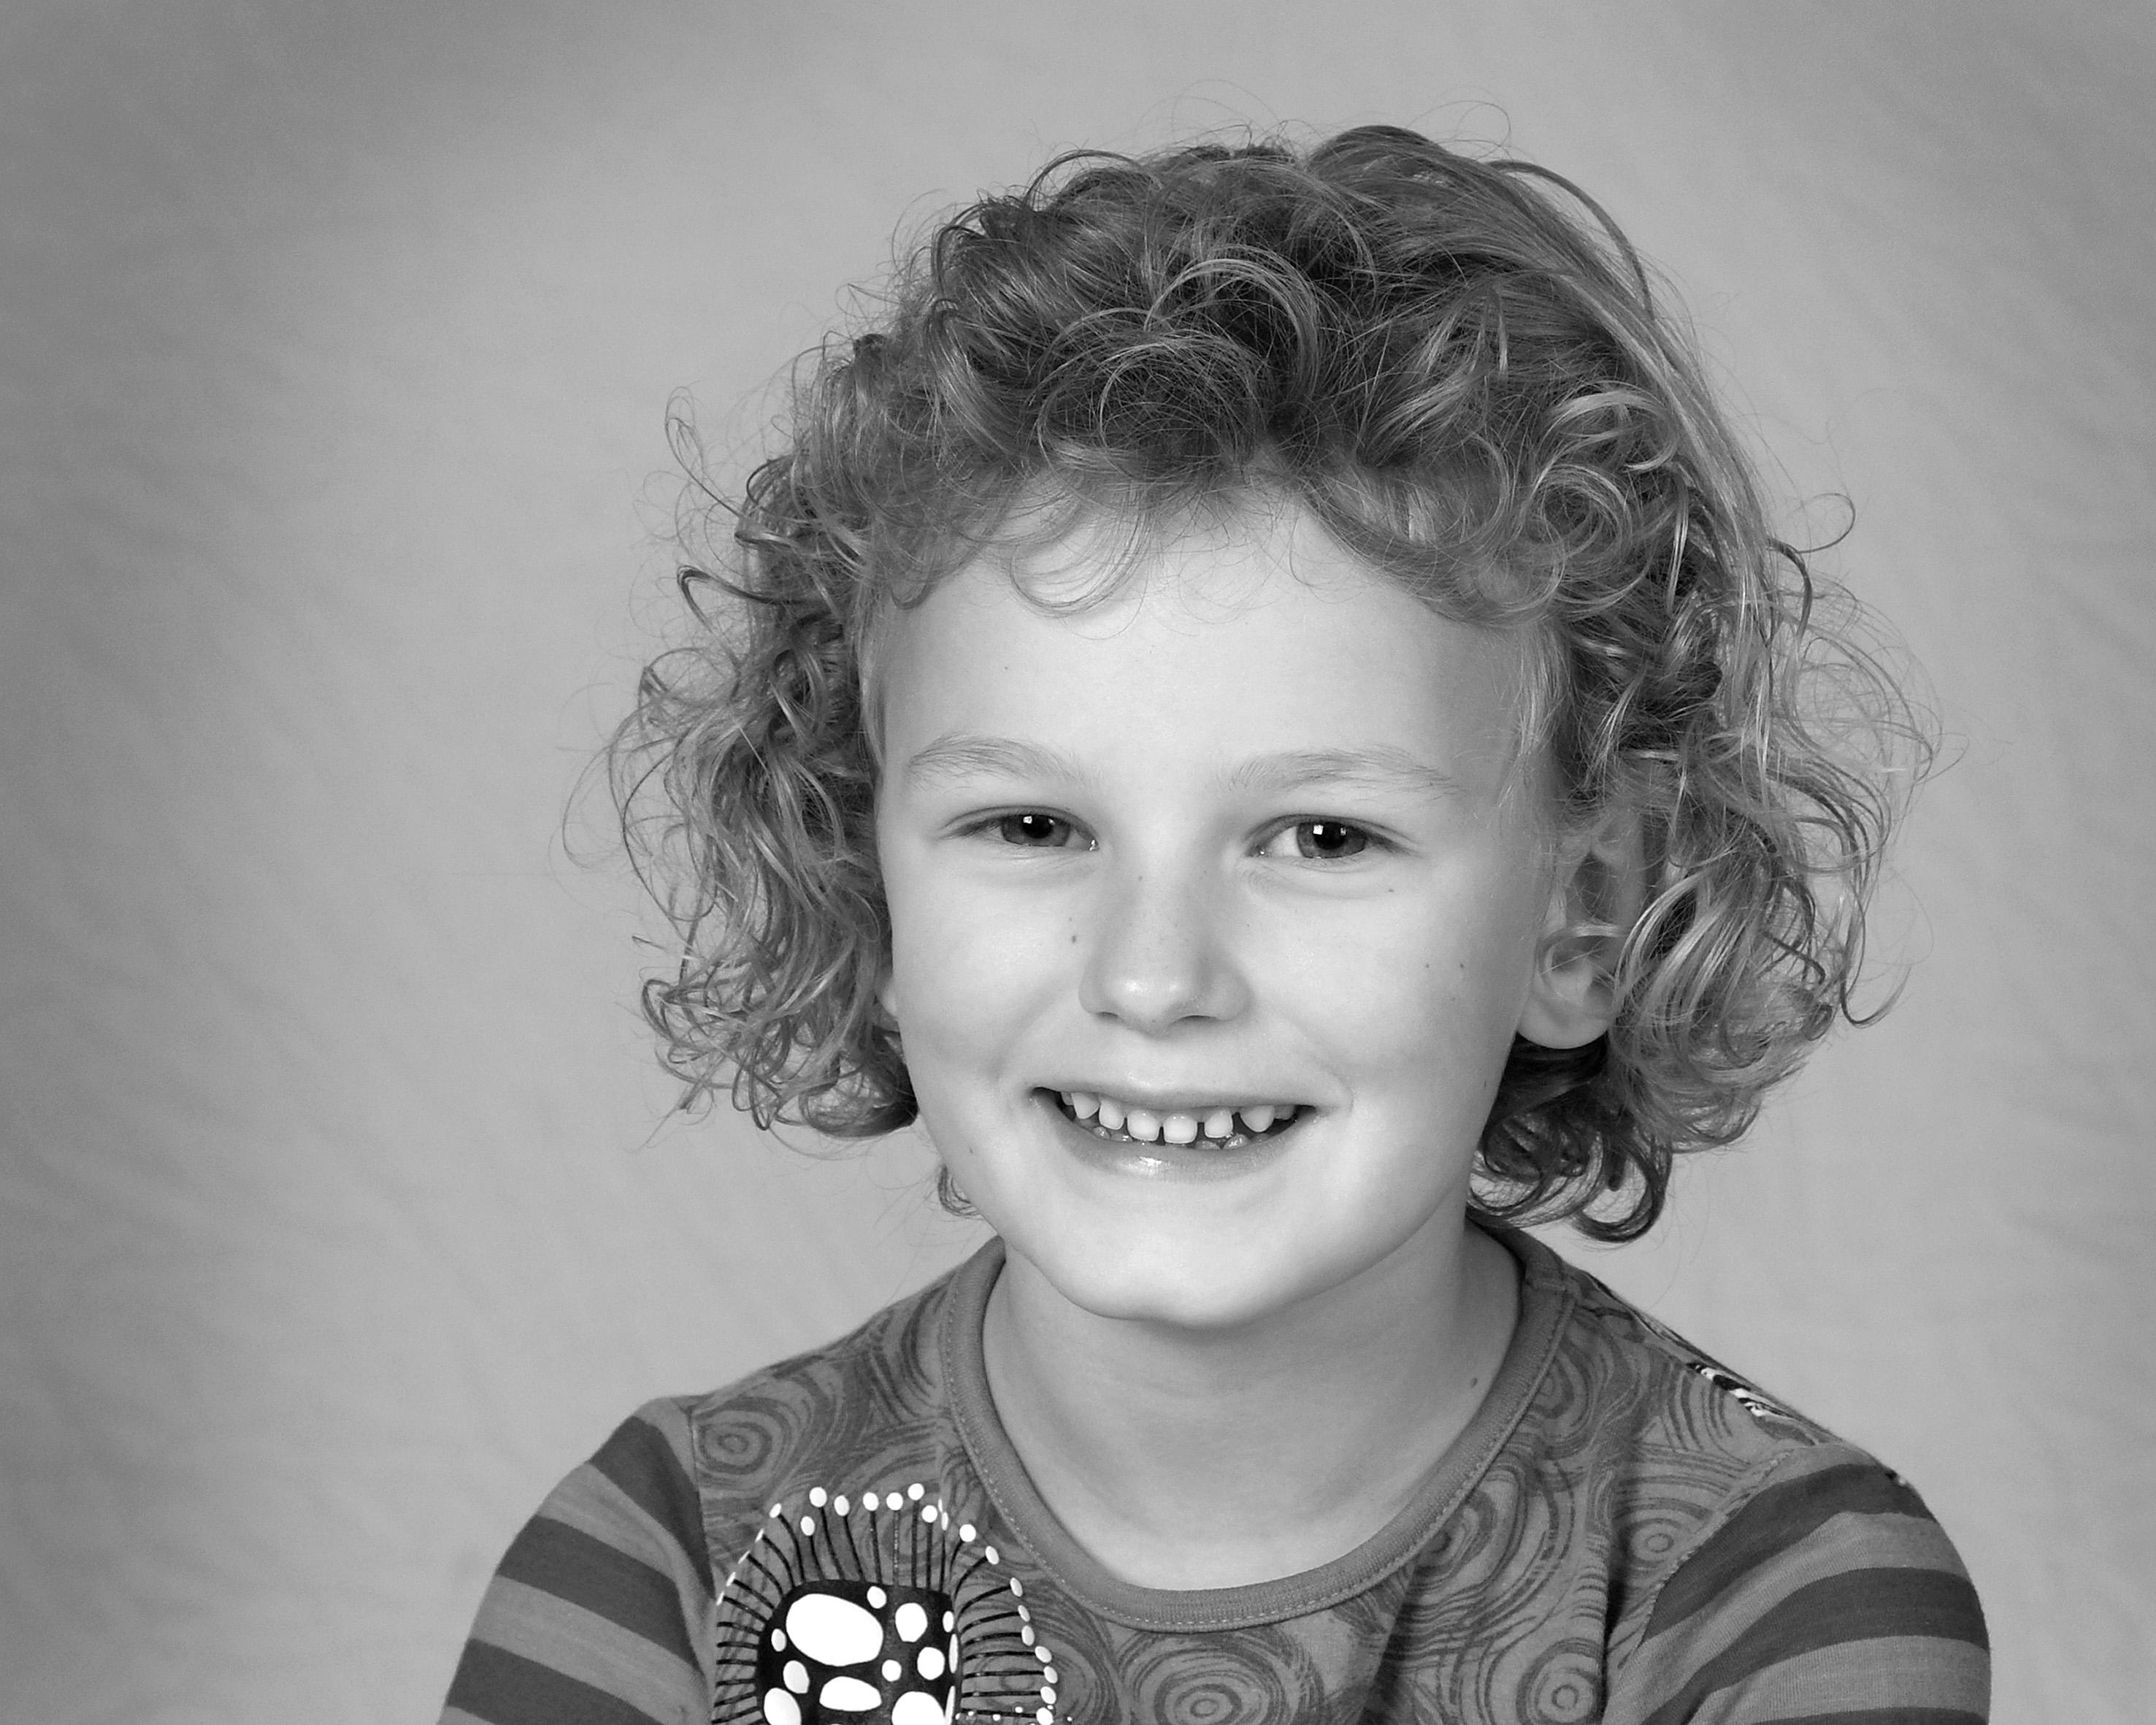 Børnefotografering - Pige Med Krøller